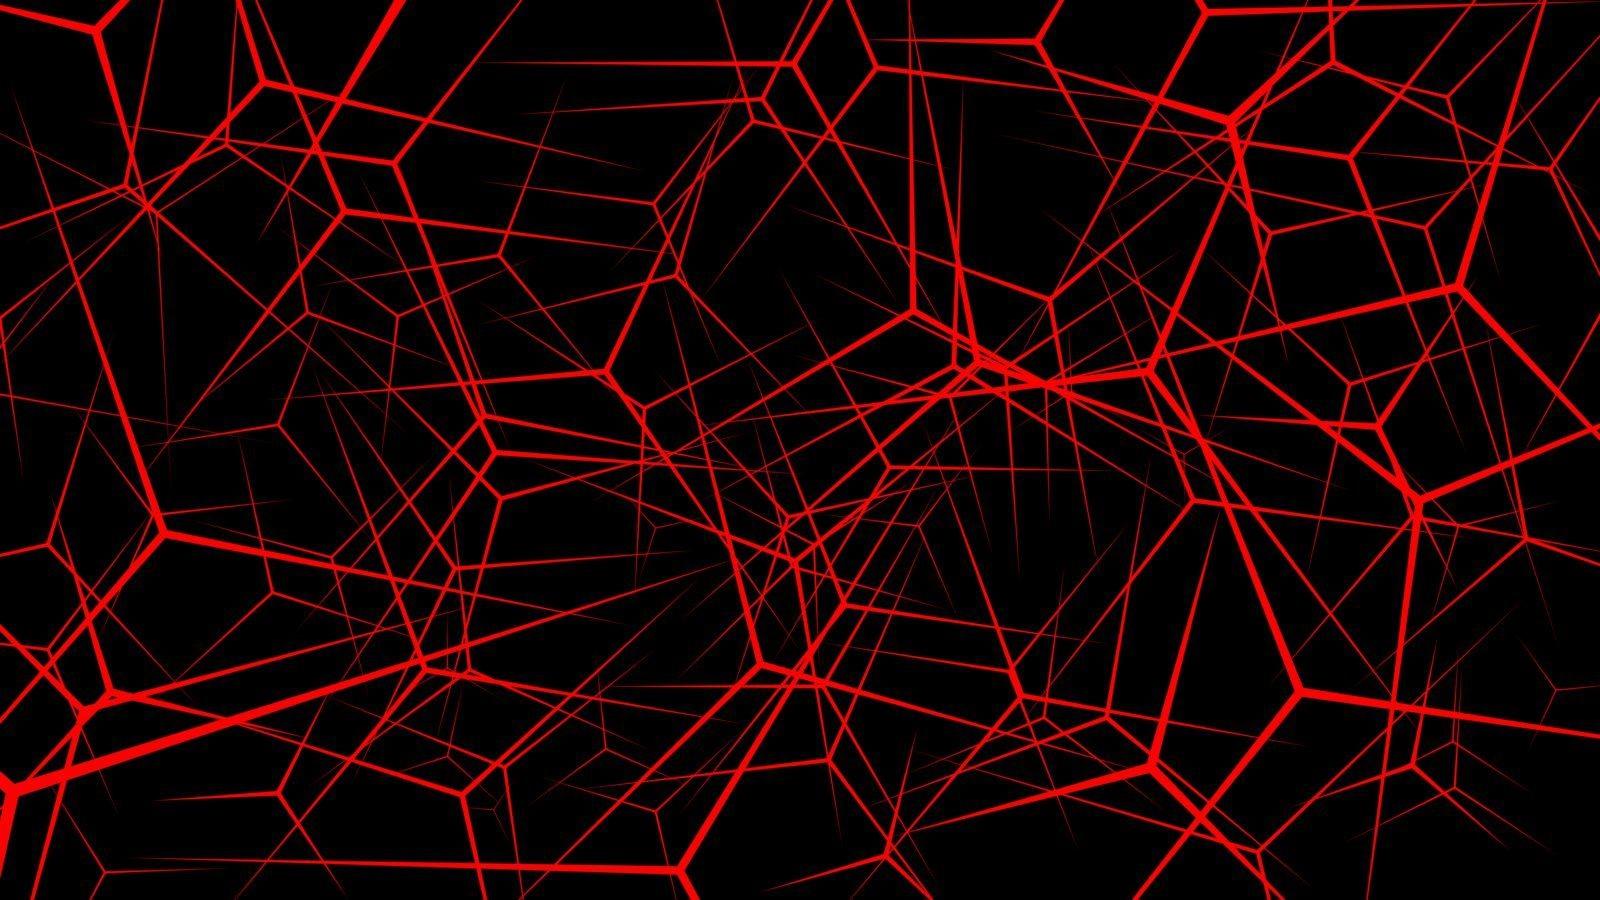 4K Red Laptop Wallpaper